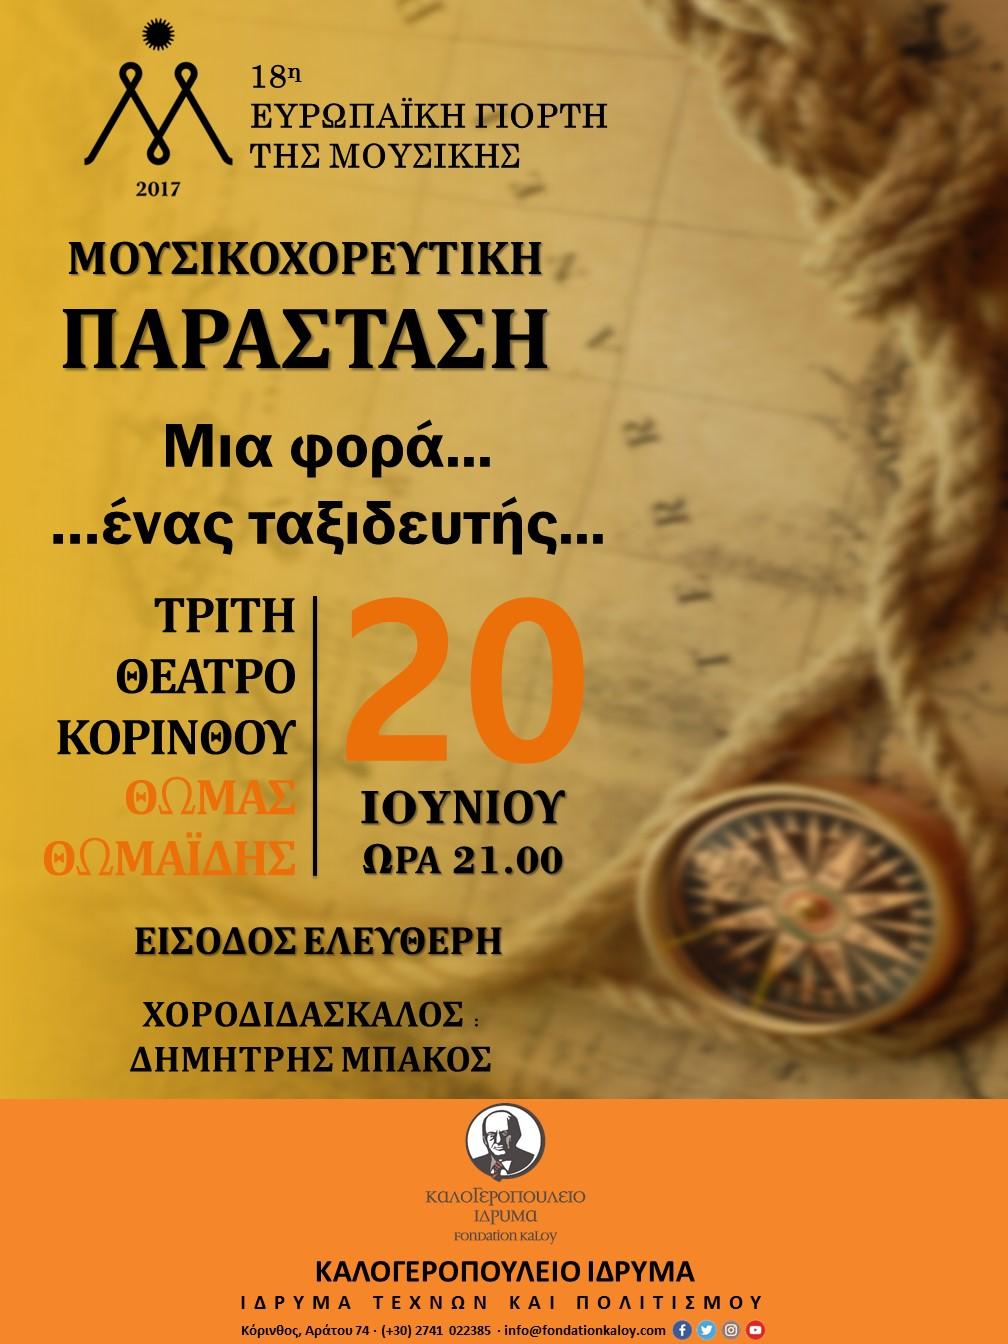 ΚΑΛΟΓΕΡΟΠΟΥΛΕΙΟ 2017 - Δ.ΜΠΑΚΟΣ